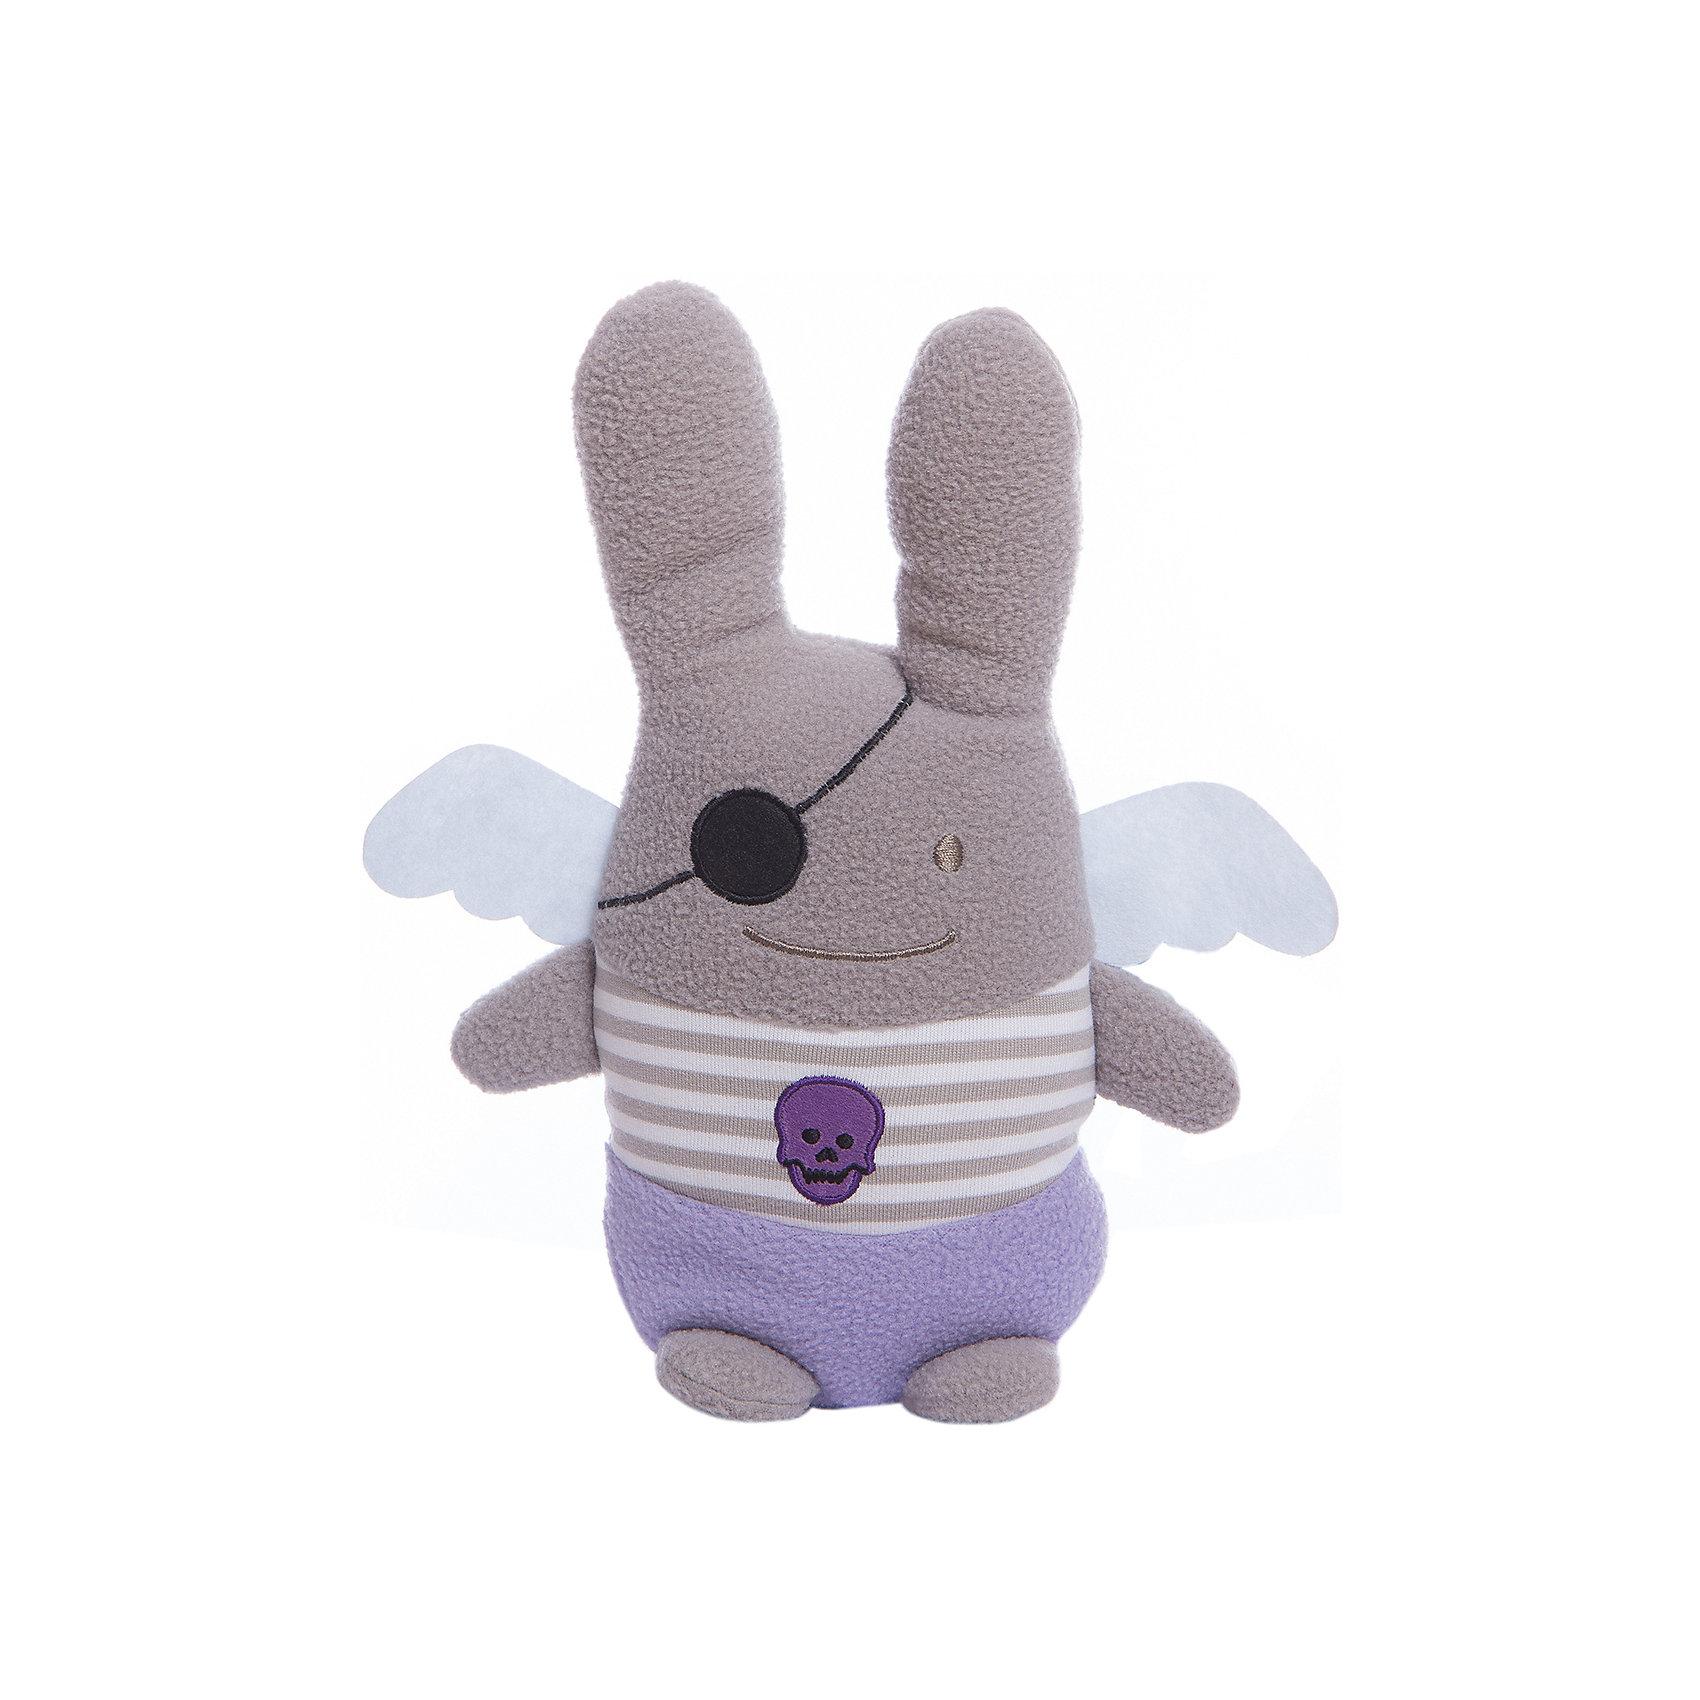 Мягкая игрушка Зайка с крылышками Пират, 26см, TrousselierМягкие игрушки<br>Мягкая игрушка Зайка с крылышками Пират, 26см, Trousselier<br><br>Характеристики:<br><br>• Размер: 26 см<br>• Материал: текстиль, полиэстер, хлопок<br>• Возраст: от 0 месяцев<br><br>Серенький зайка с милыми крылышками станет другом для вашего малыша. Натуральный материал не вызывает аллергию и полностью безопасен для нежной кожи. Малыш сможет спать с зайкой, с первых дней своей жизни, а дальше играть с ним представляя себя капитаном пиратского судна.<br><br>Мягкая игрушка Зайка с крылышками Пират, 26см, Trousselier можно купить в нашем интернет-магазине.<br><br>Ширина мм: 190<br>Глубина мм: 190<br>Высота мм: 90<br>Вес г: 240<br>Возраст от месяцев: -2147483648<br>Возраст до месяцев: 2147483647<br>Пол: Унисекс<br>Возраст: Детский<br>SKU: 4964805